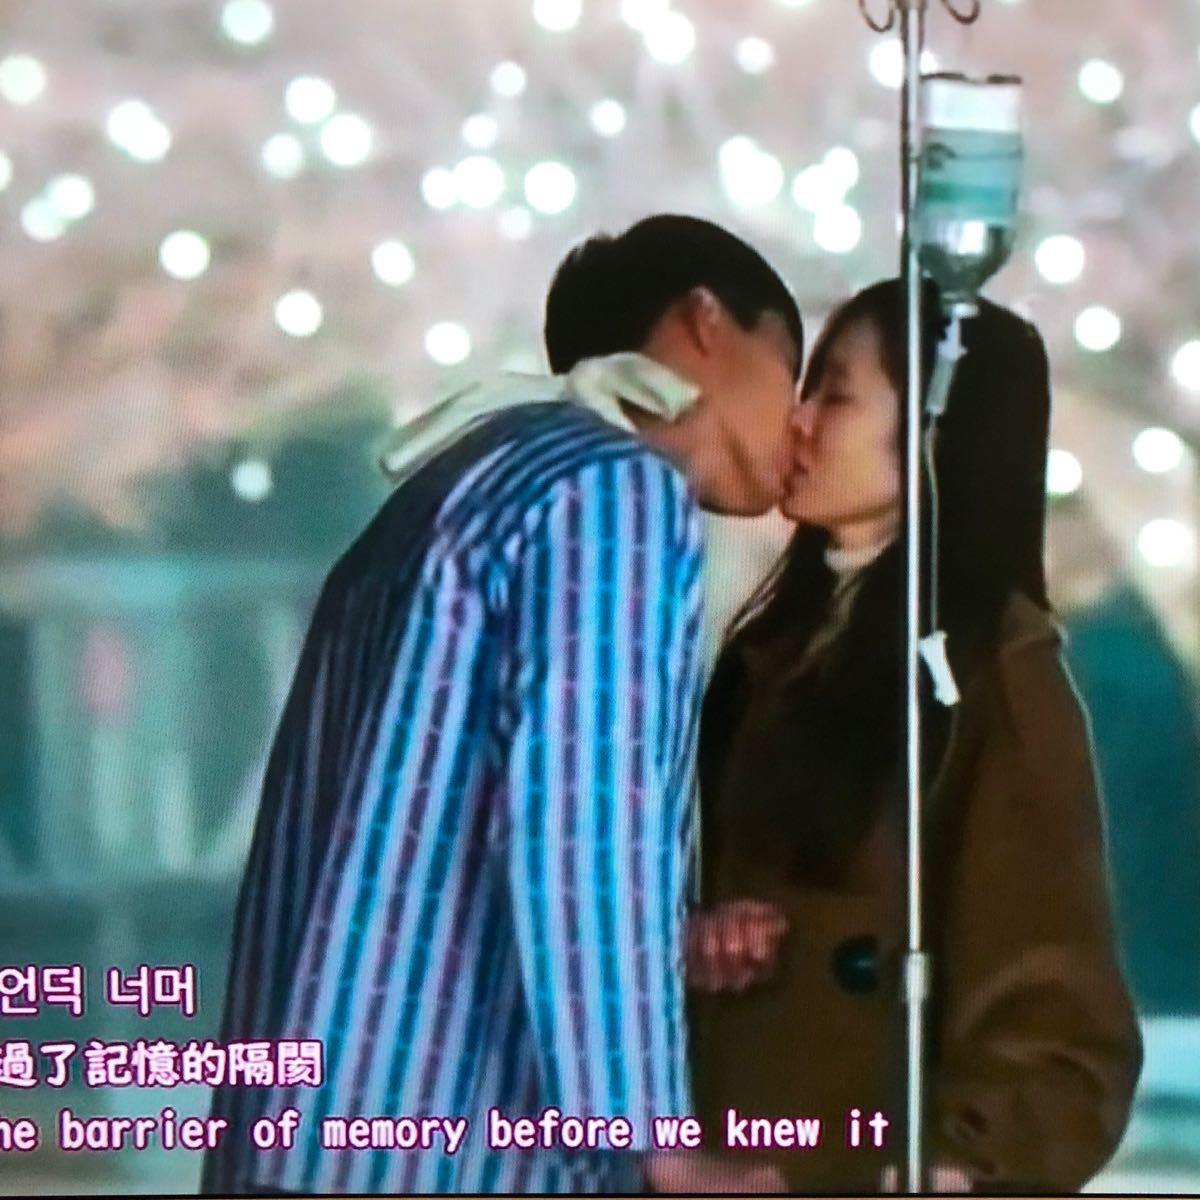 愛の不時着 メイキング OST 韓国映画 ネゴシエーション ヒョンビン ソン・イェジン 出演 DVD3点セット+選べるおまけ1枚